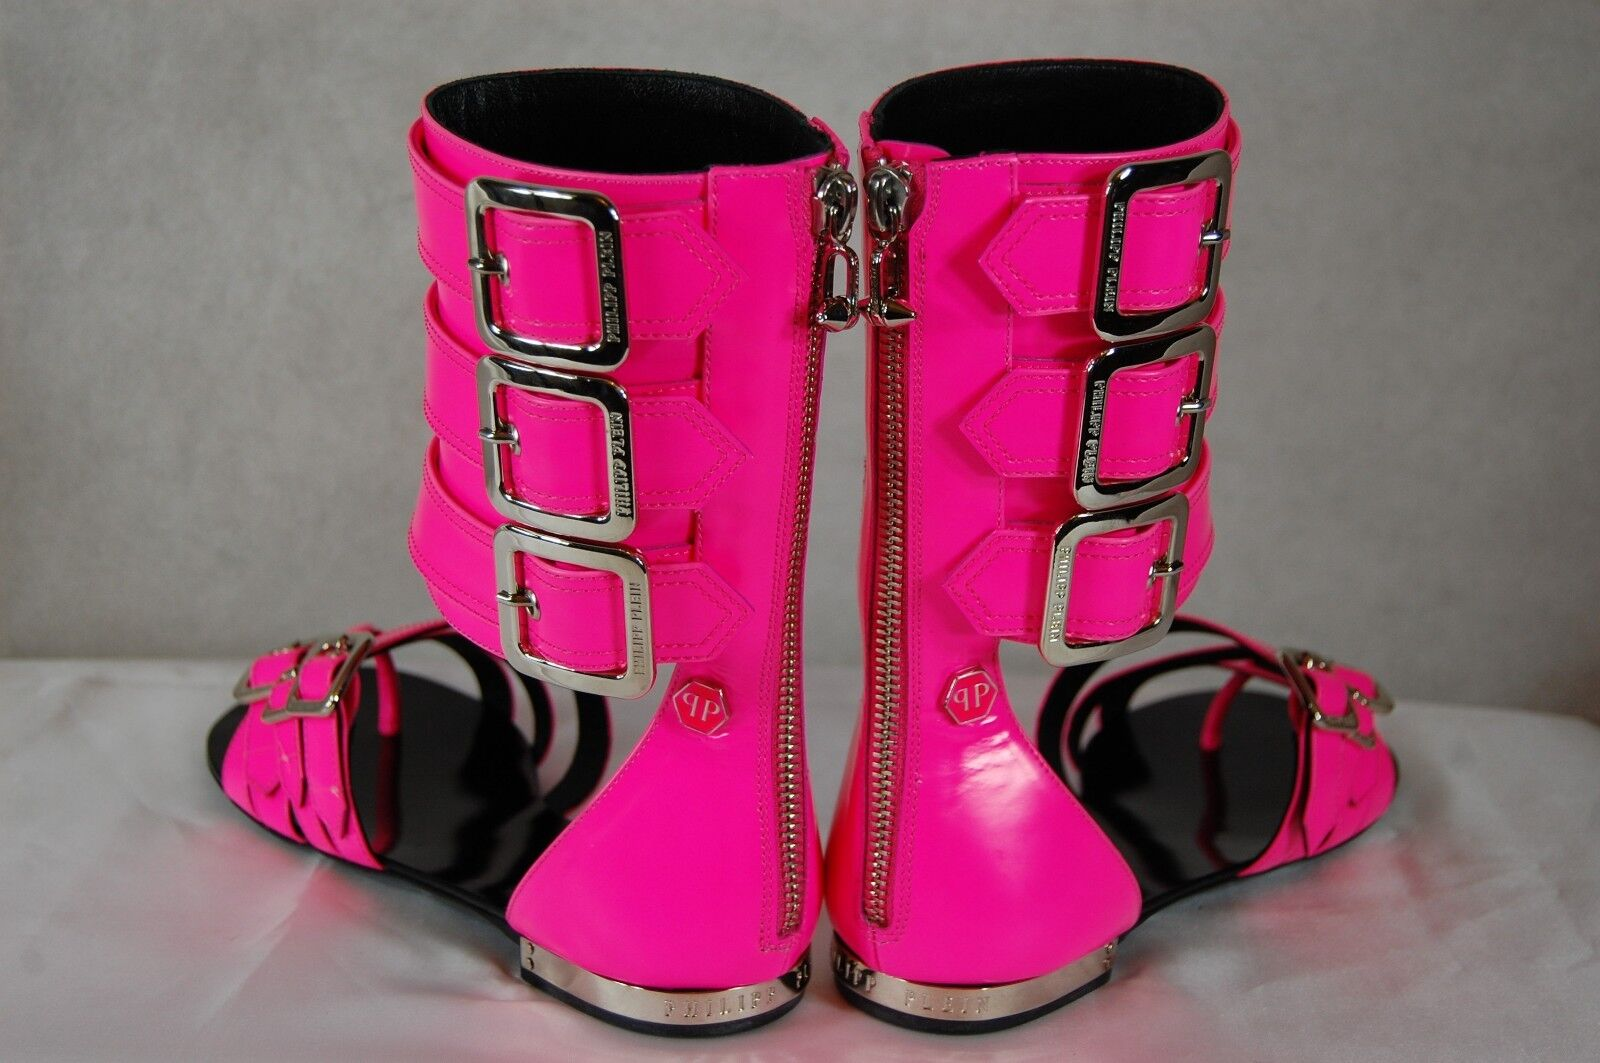 Dolce coccodrillo-Pelle-Cristallo-scarpe, & GABBANA Kaiman, coccodrillo-Pelle-Cristallo-scarpe, Dolce dimensioni eu40 us9, 5 28f8ea